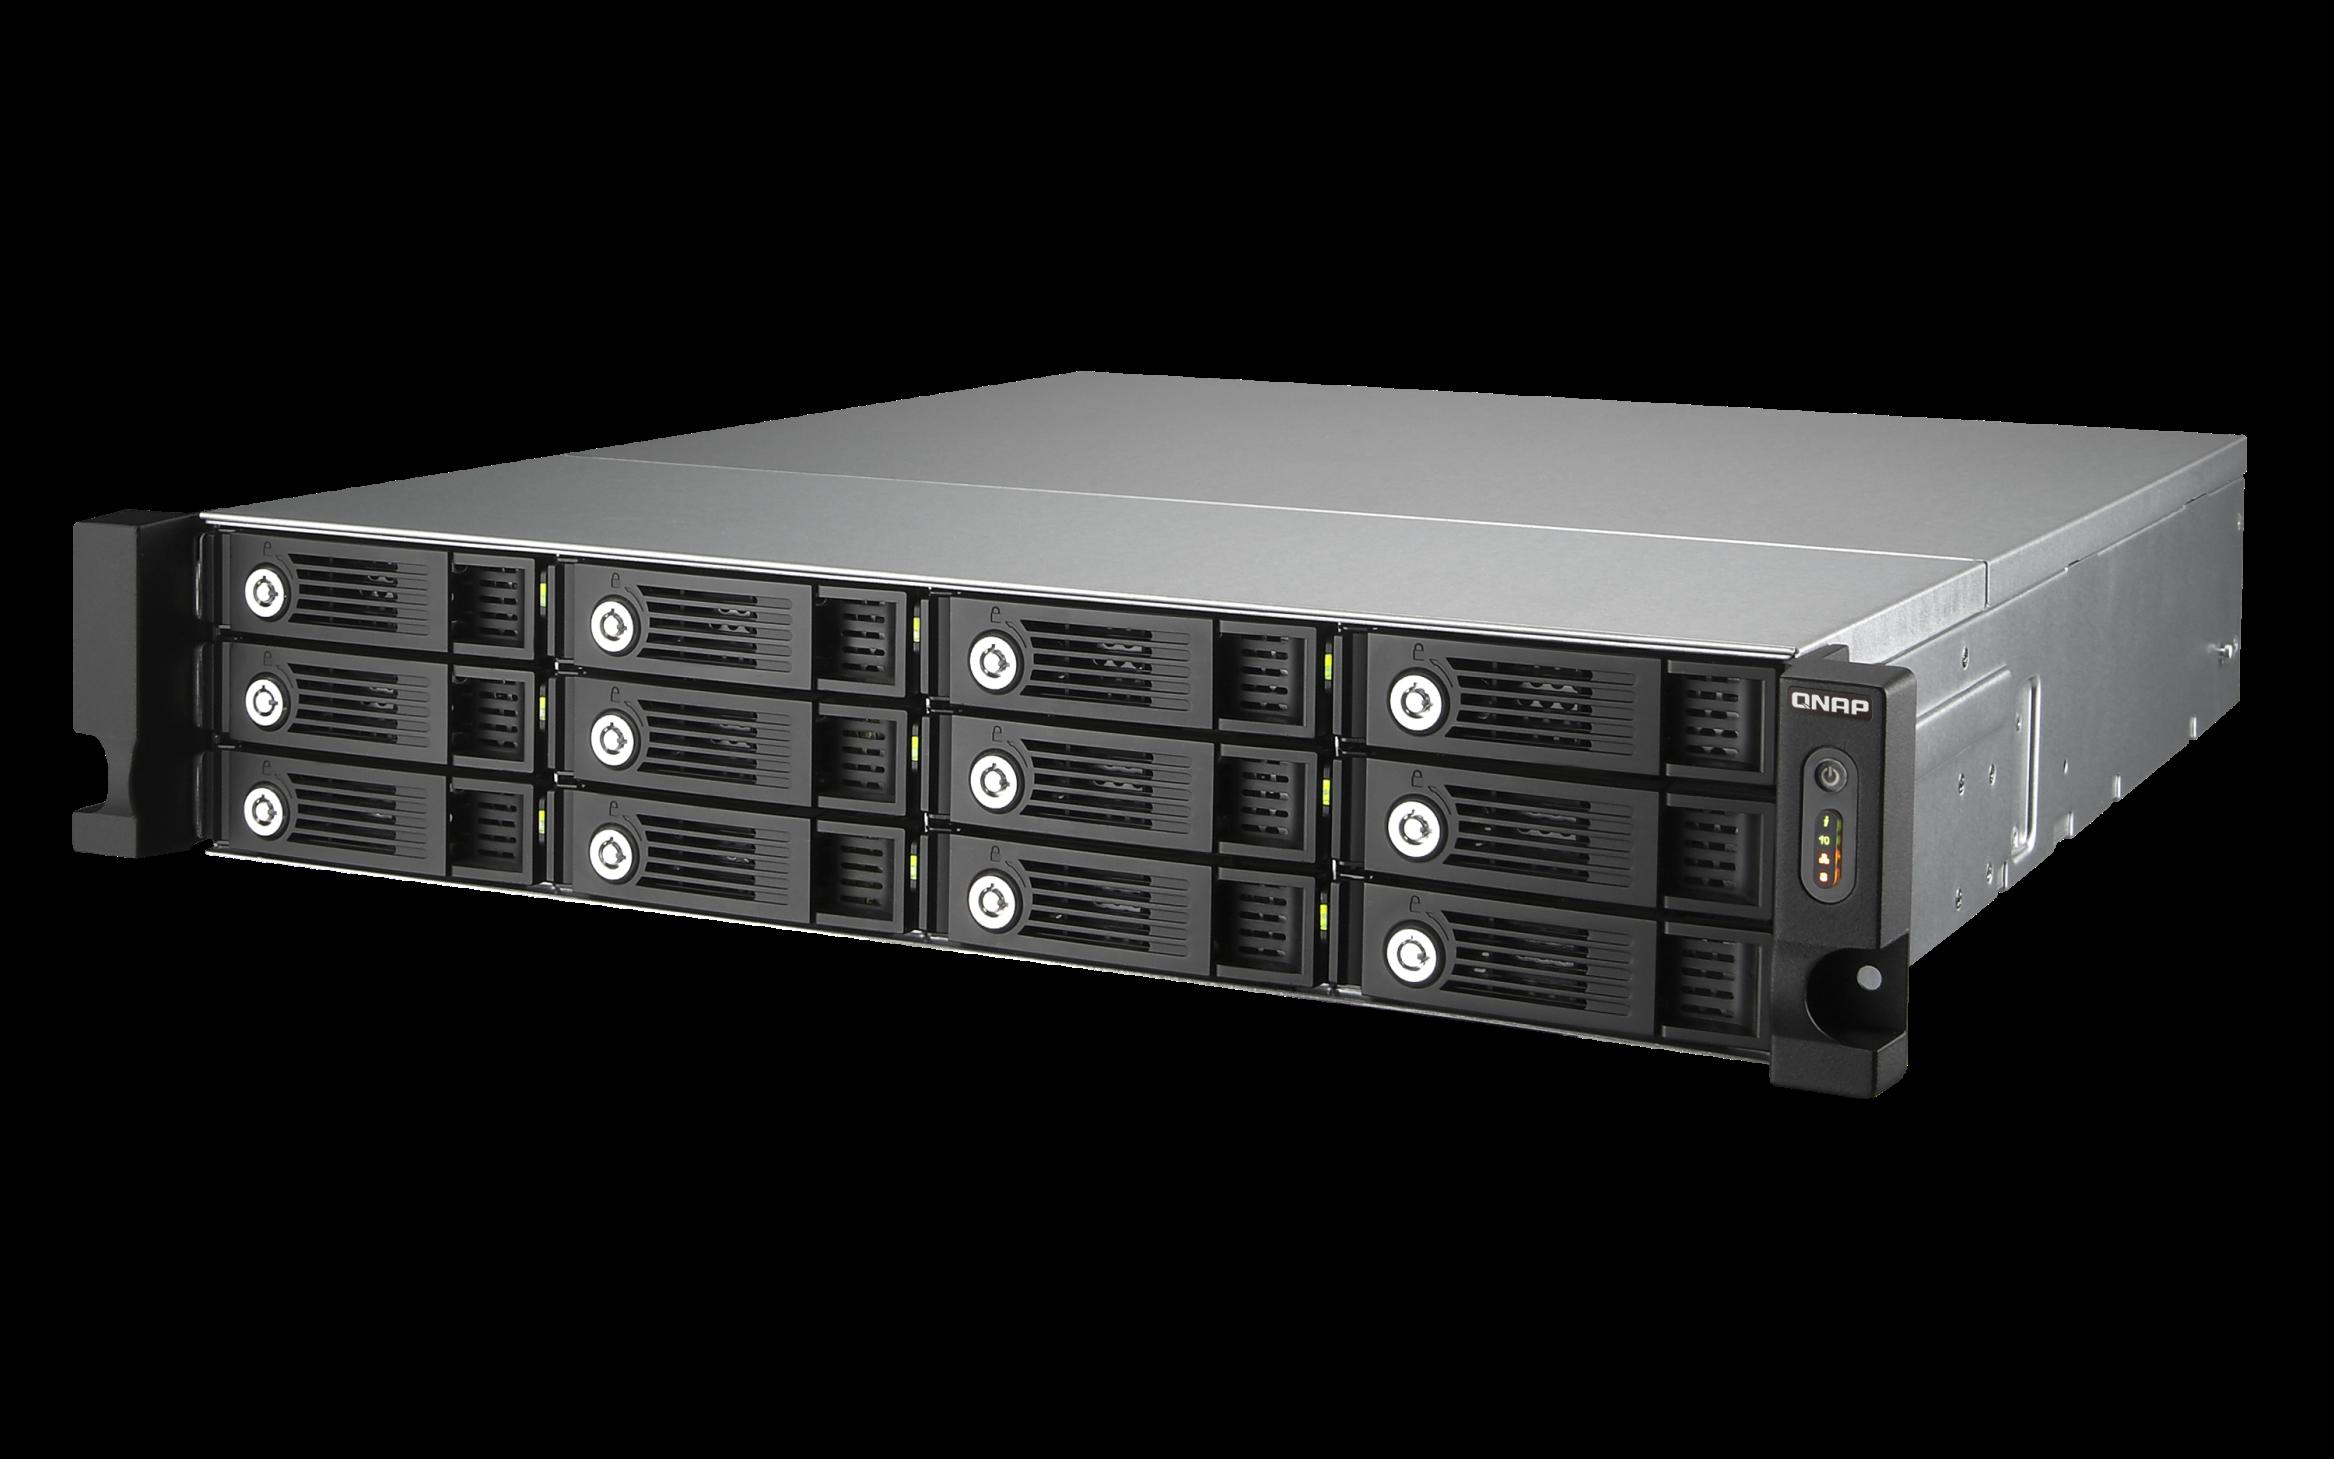 QNAP TVS-1271U-RP-i3-8G (3,5G/8GB RAM/12xSATA)